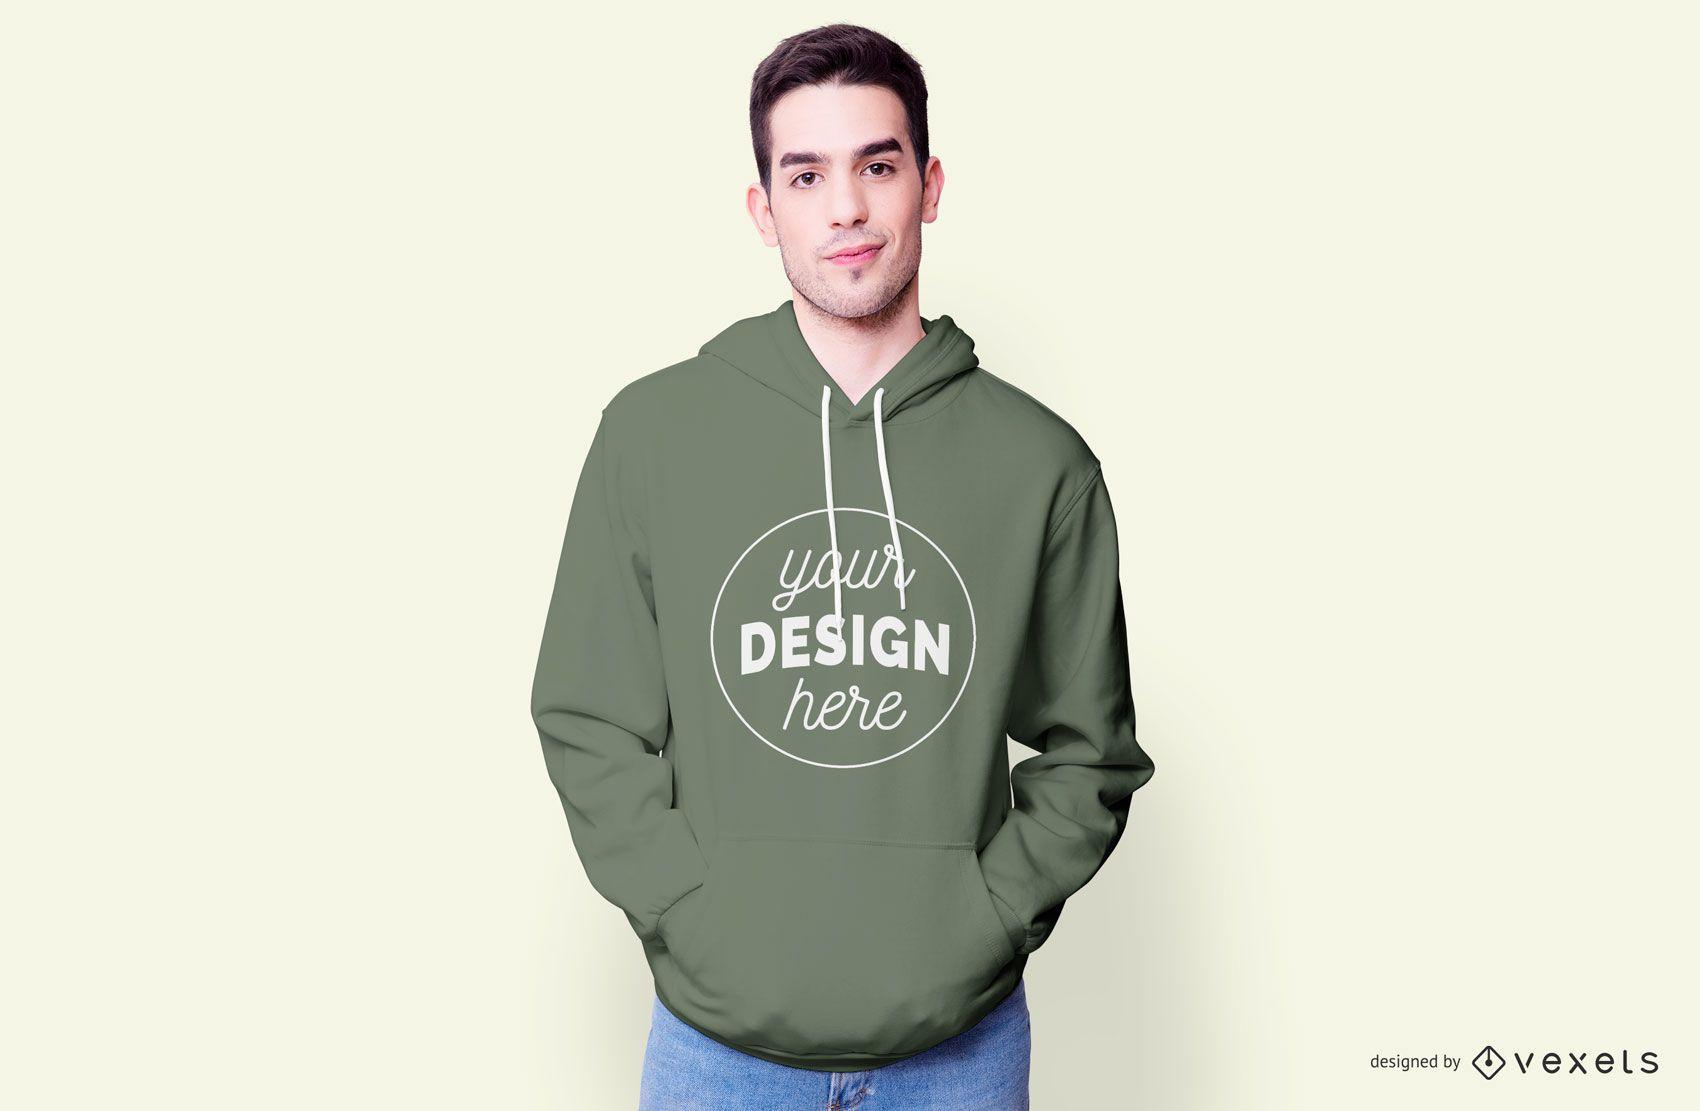 Guy wearing hoodie mockup